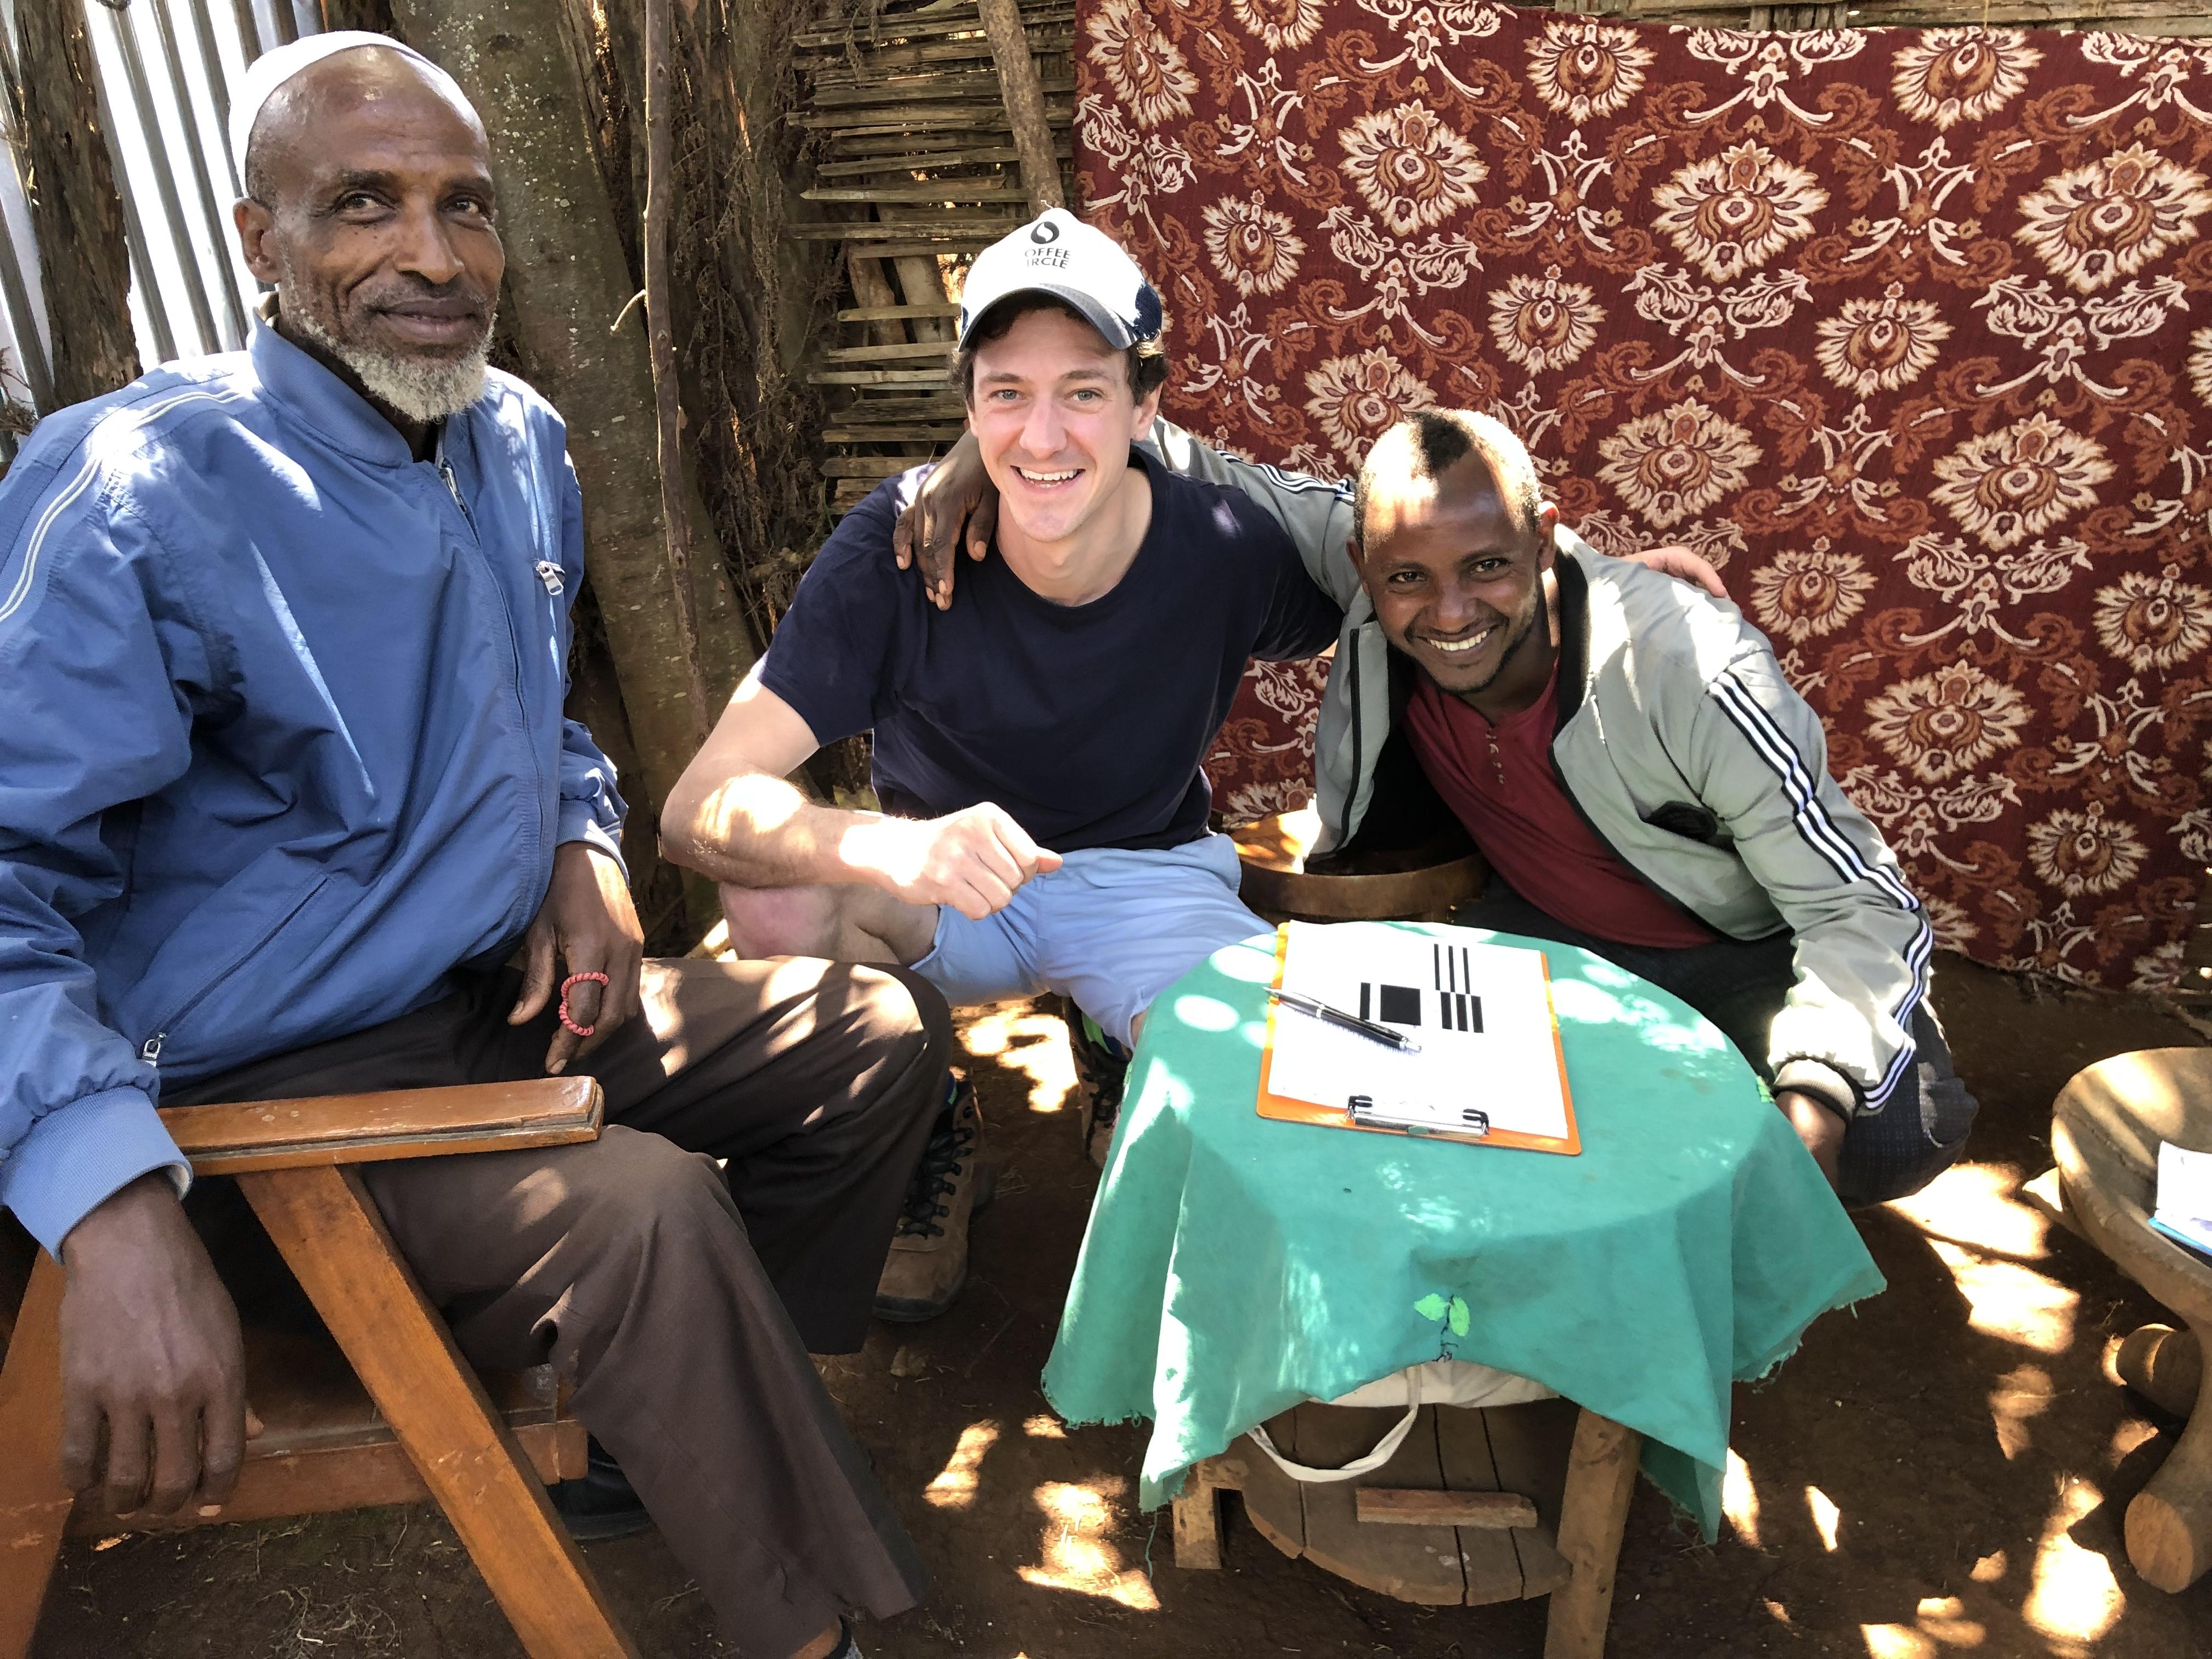 Martin mit Kaffeebauern in Äthiopien